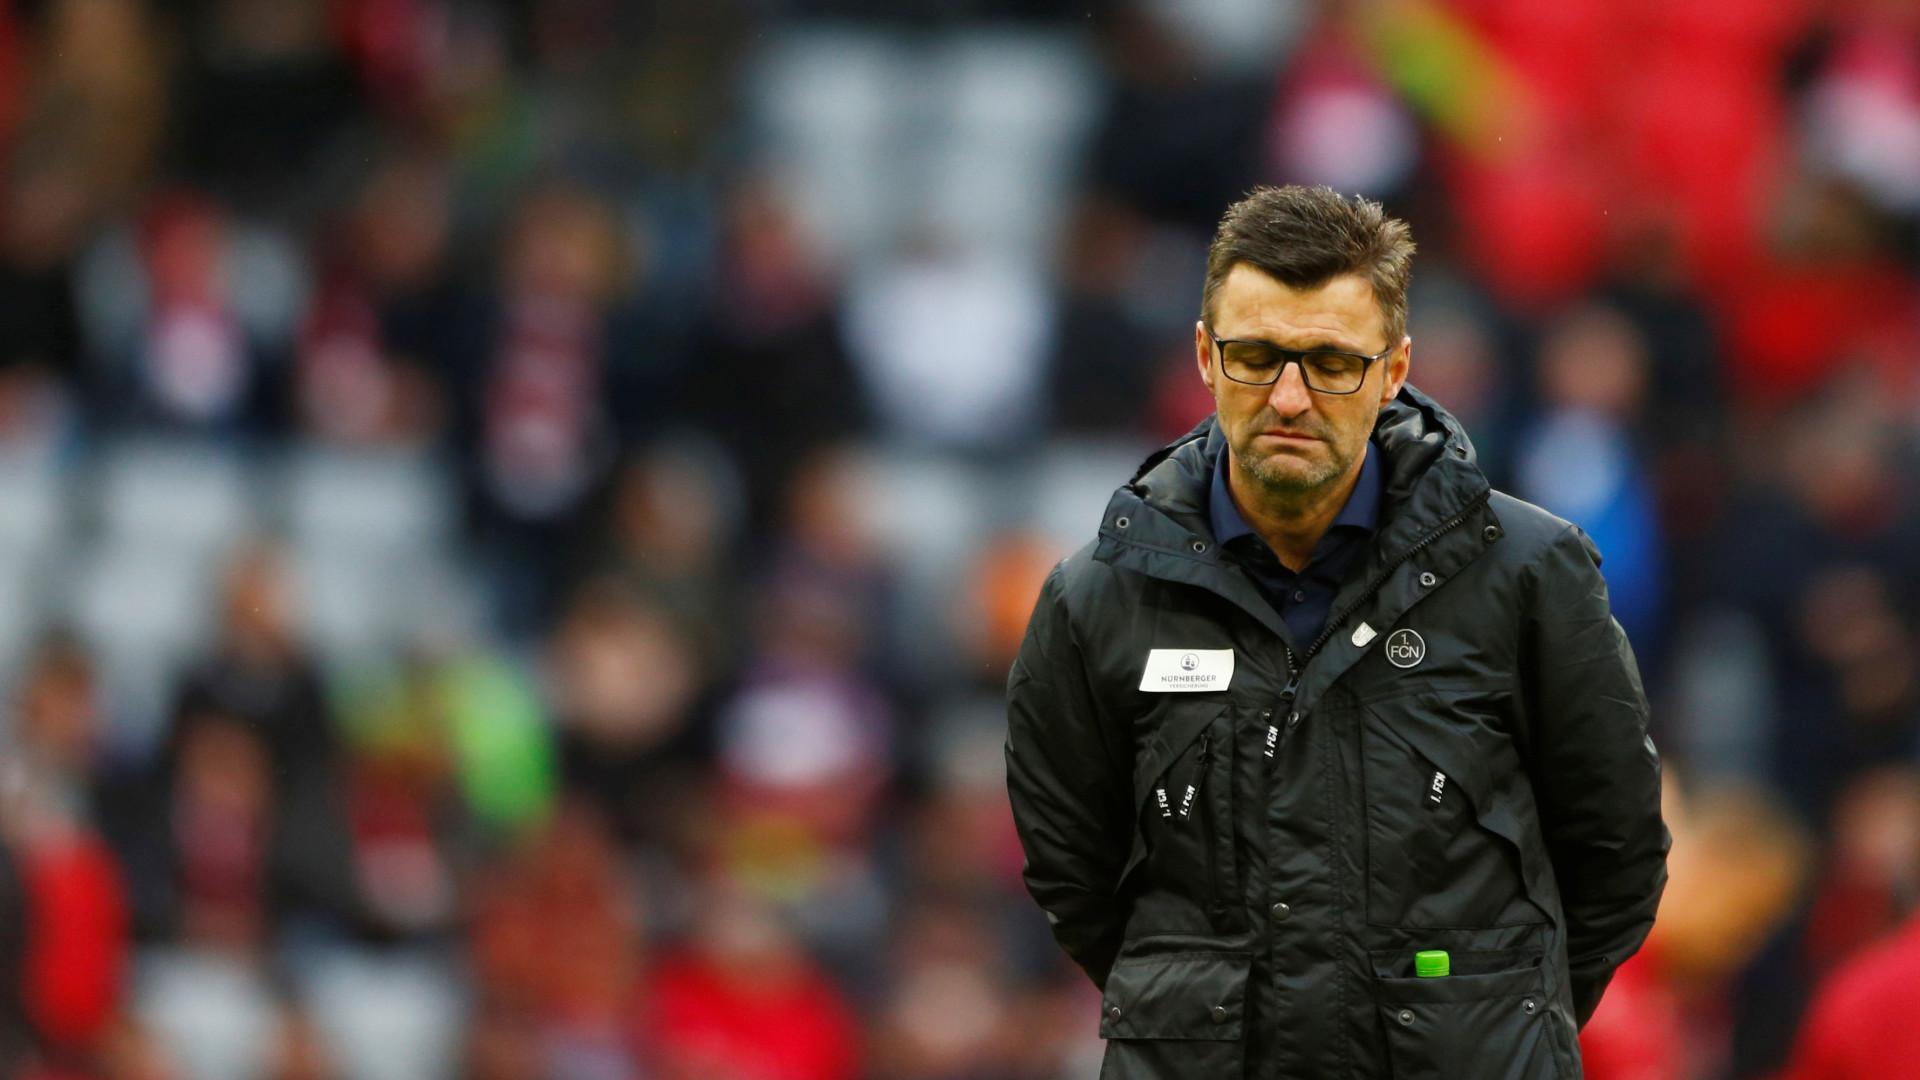 Nuremberga despede treinador após 15 jogos sem vencer